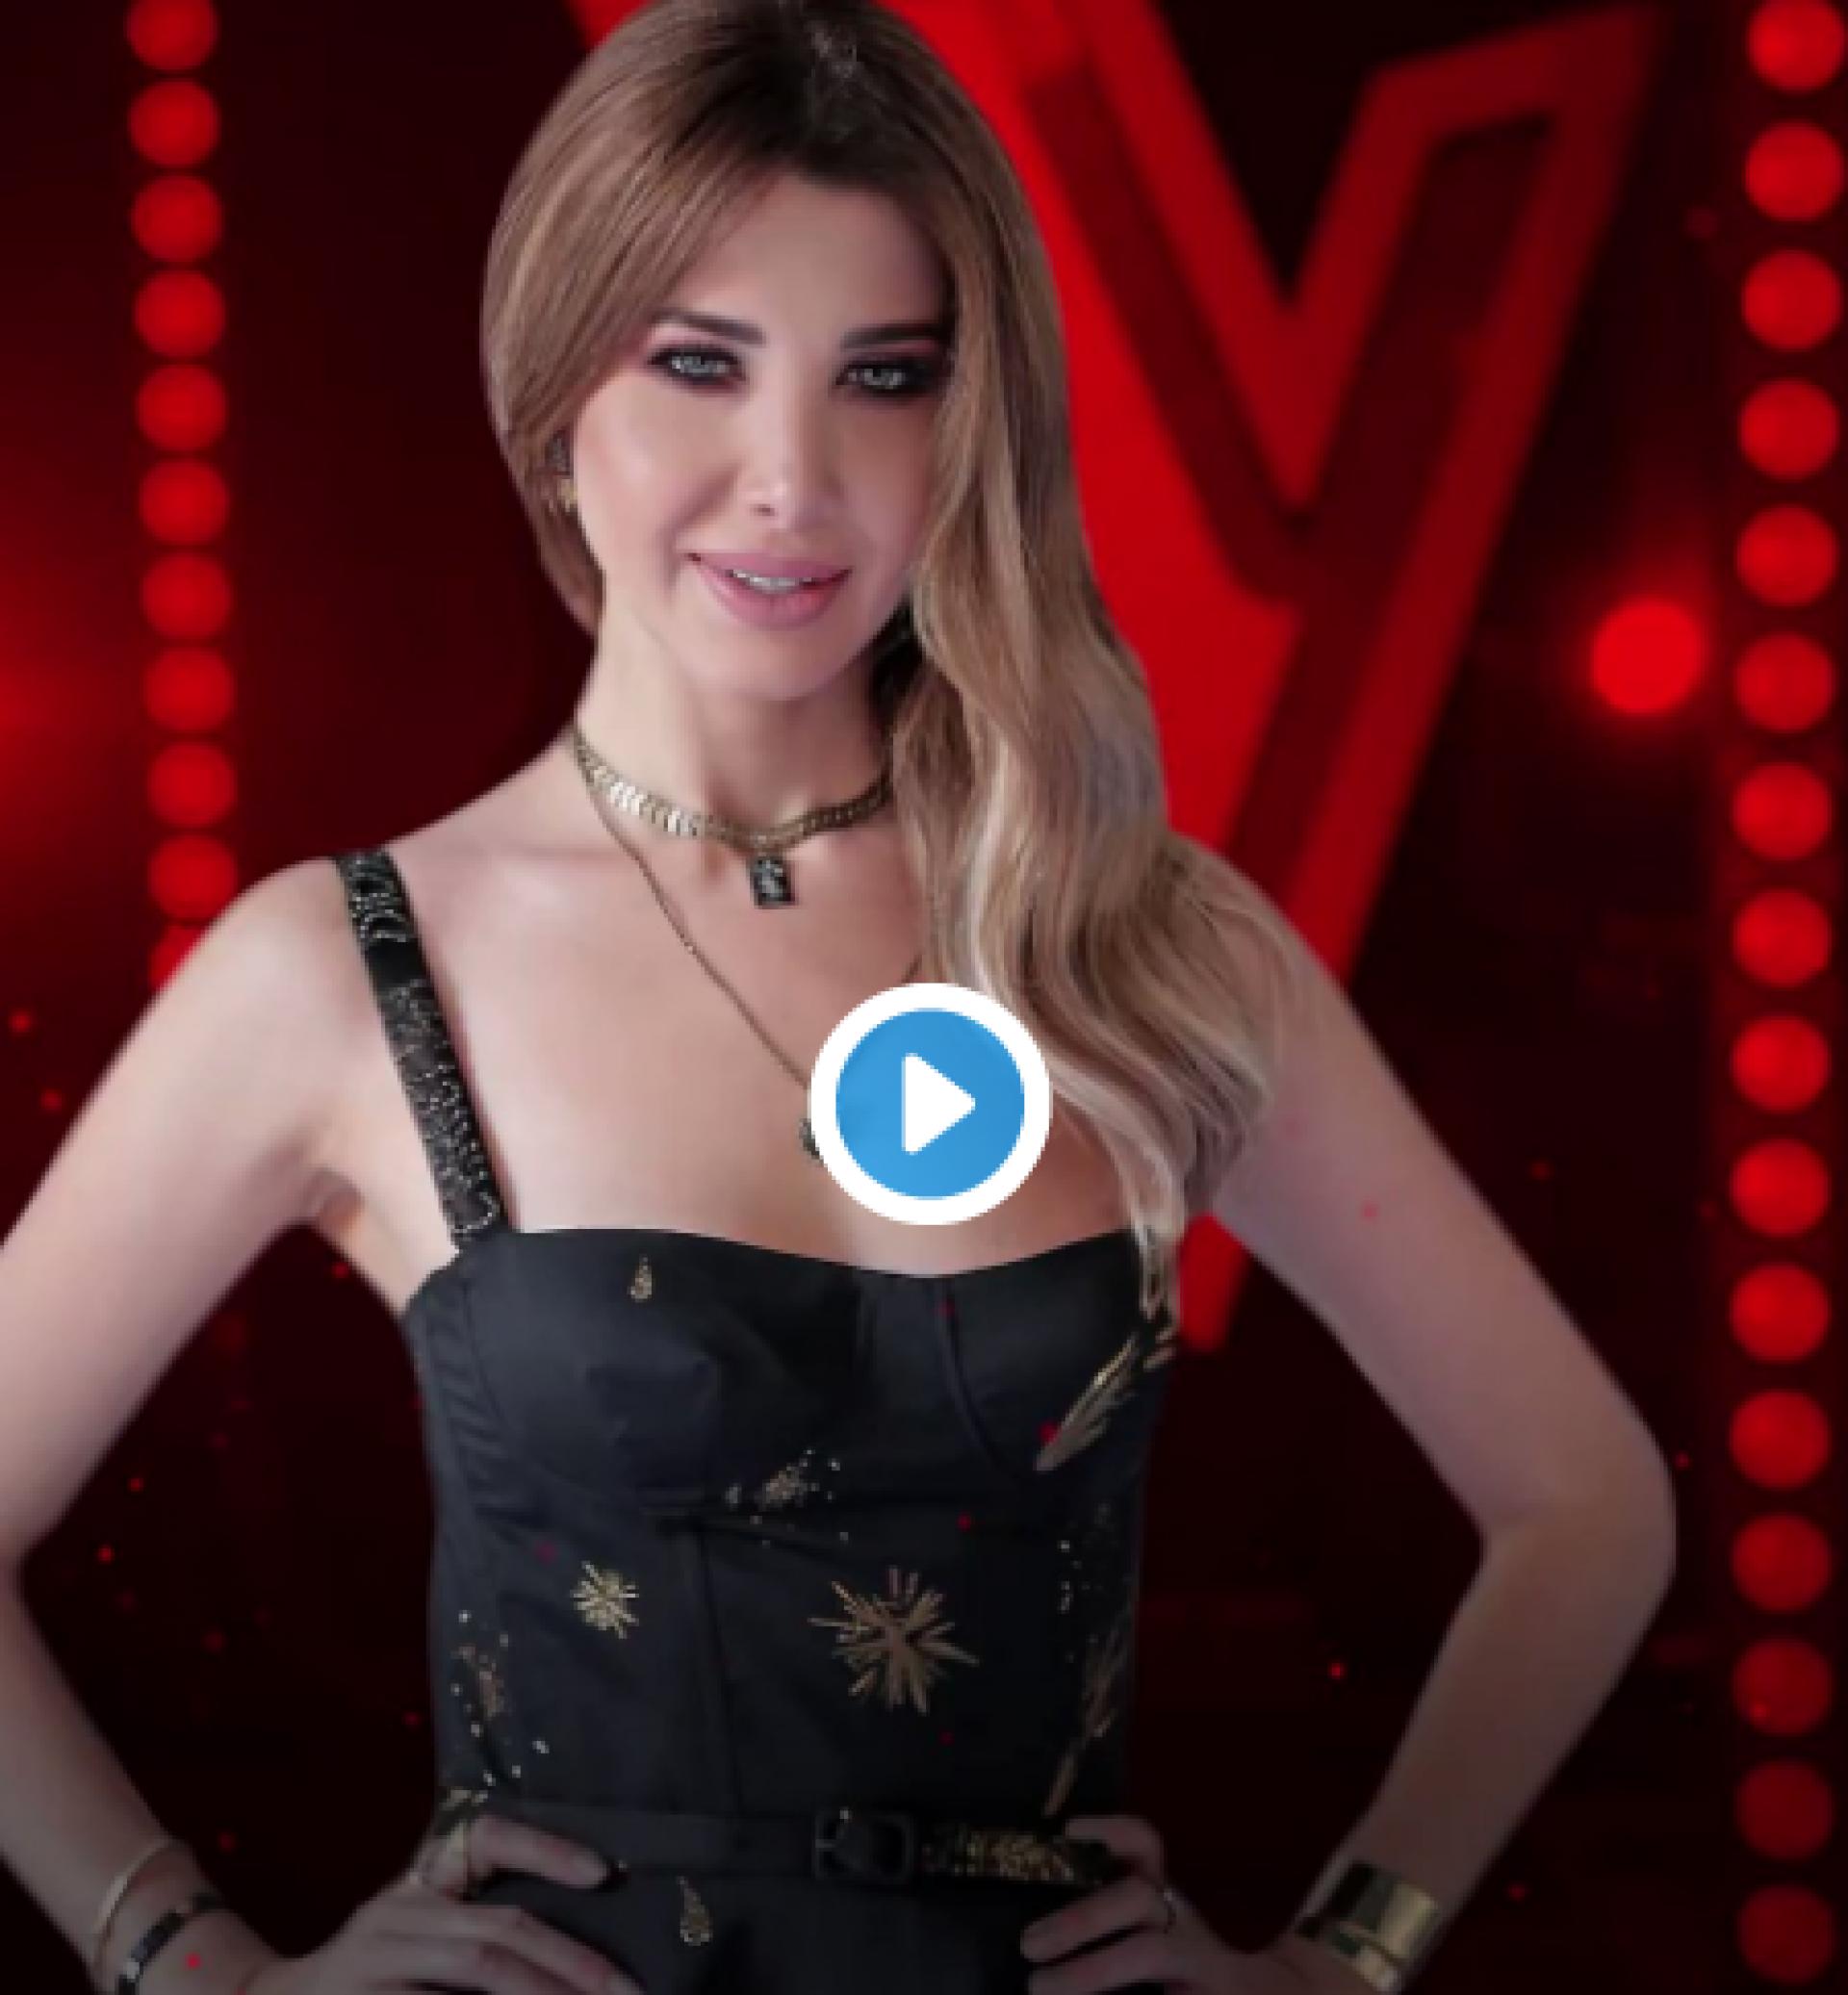 بالفيديو - نانسي عجرم تنزعج من والدة متسابقة  ذا فويس كيدز    Laha Magazine